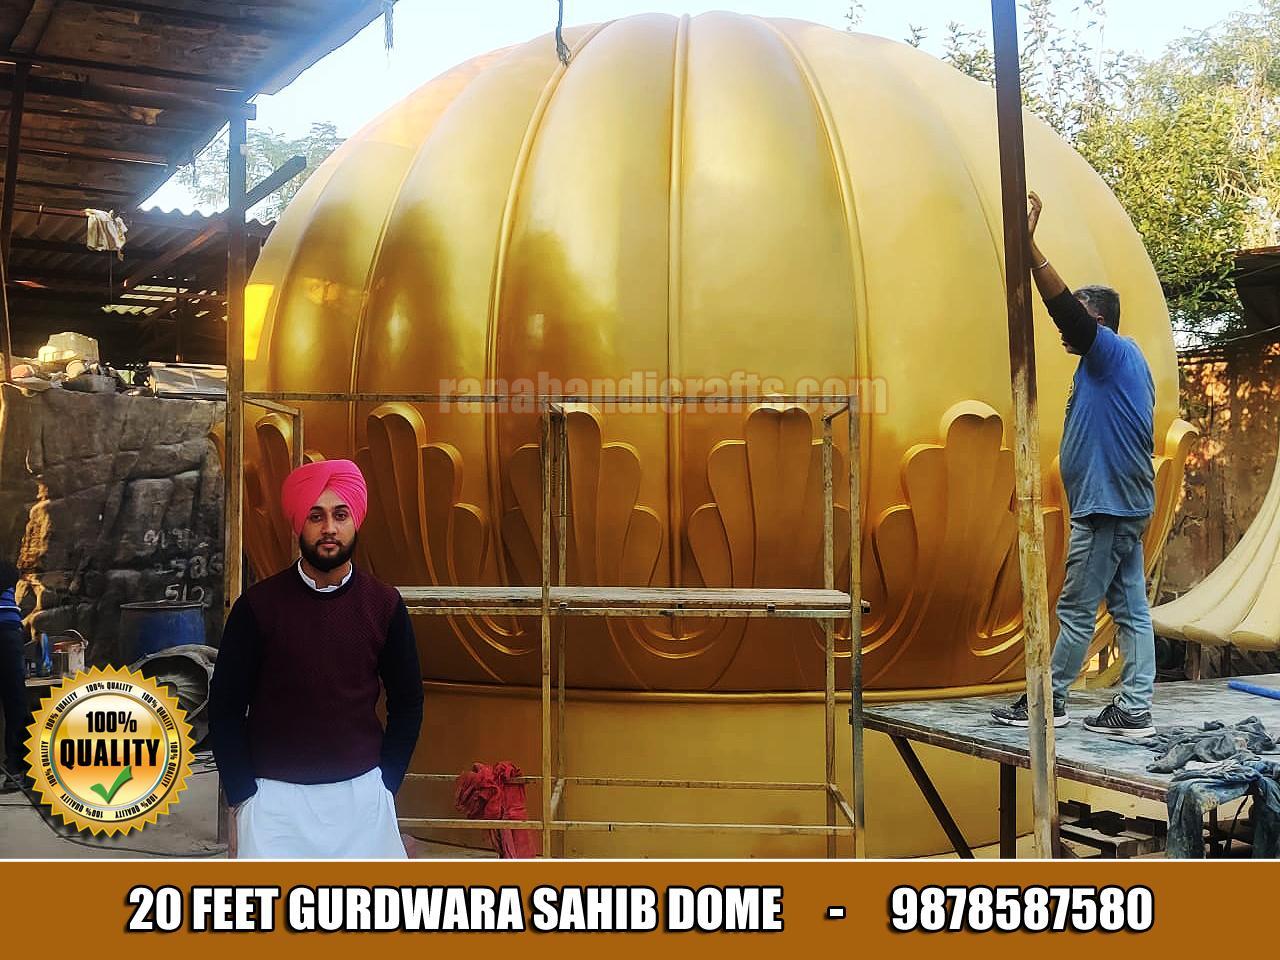 20 Feet Gurdwara Sahib Dome